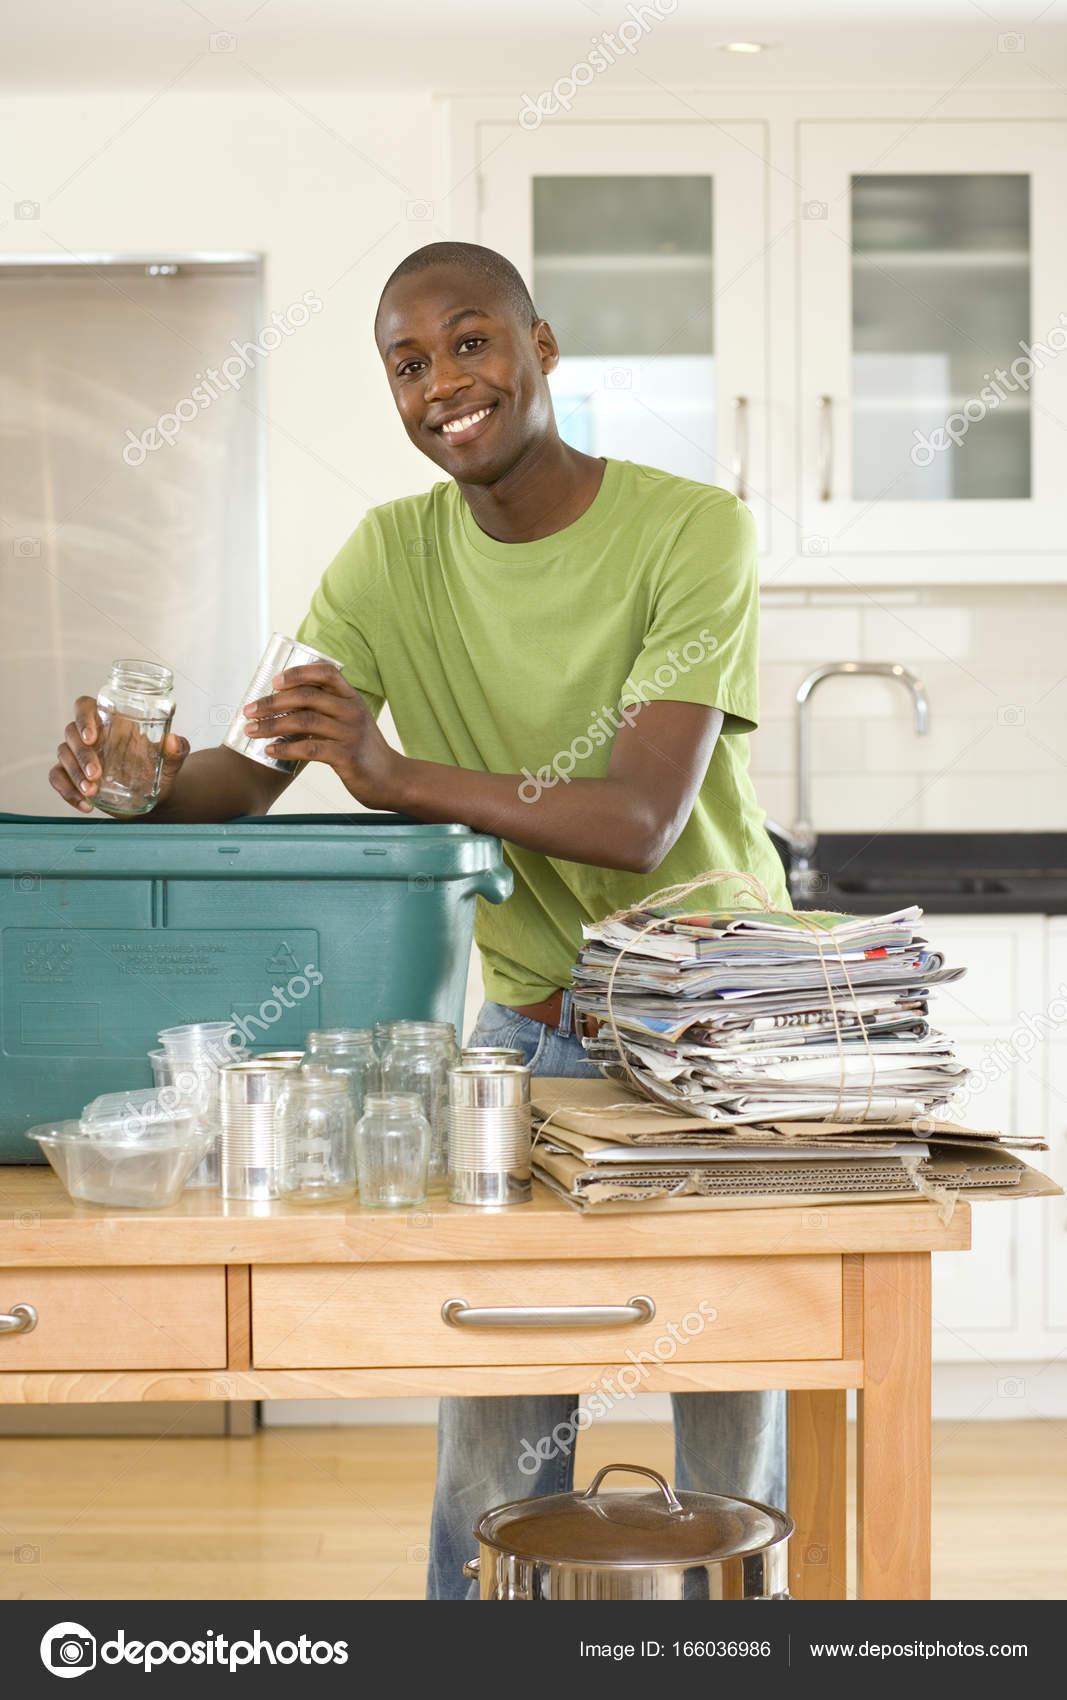 kitchen recycle bin how to fix up old cabinets 年轻人把空玻璃罐子和罐头入回收站在厨房里 图库照片 图库